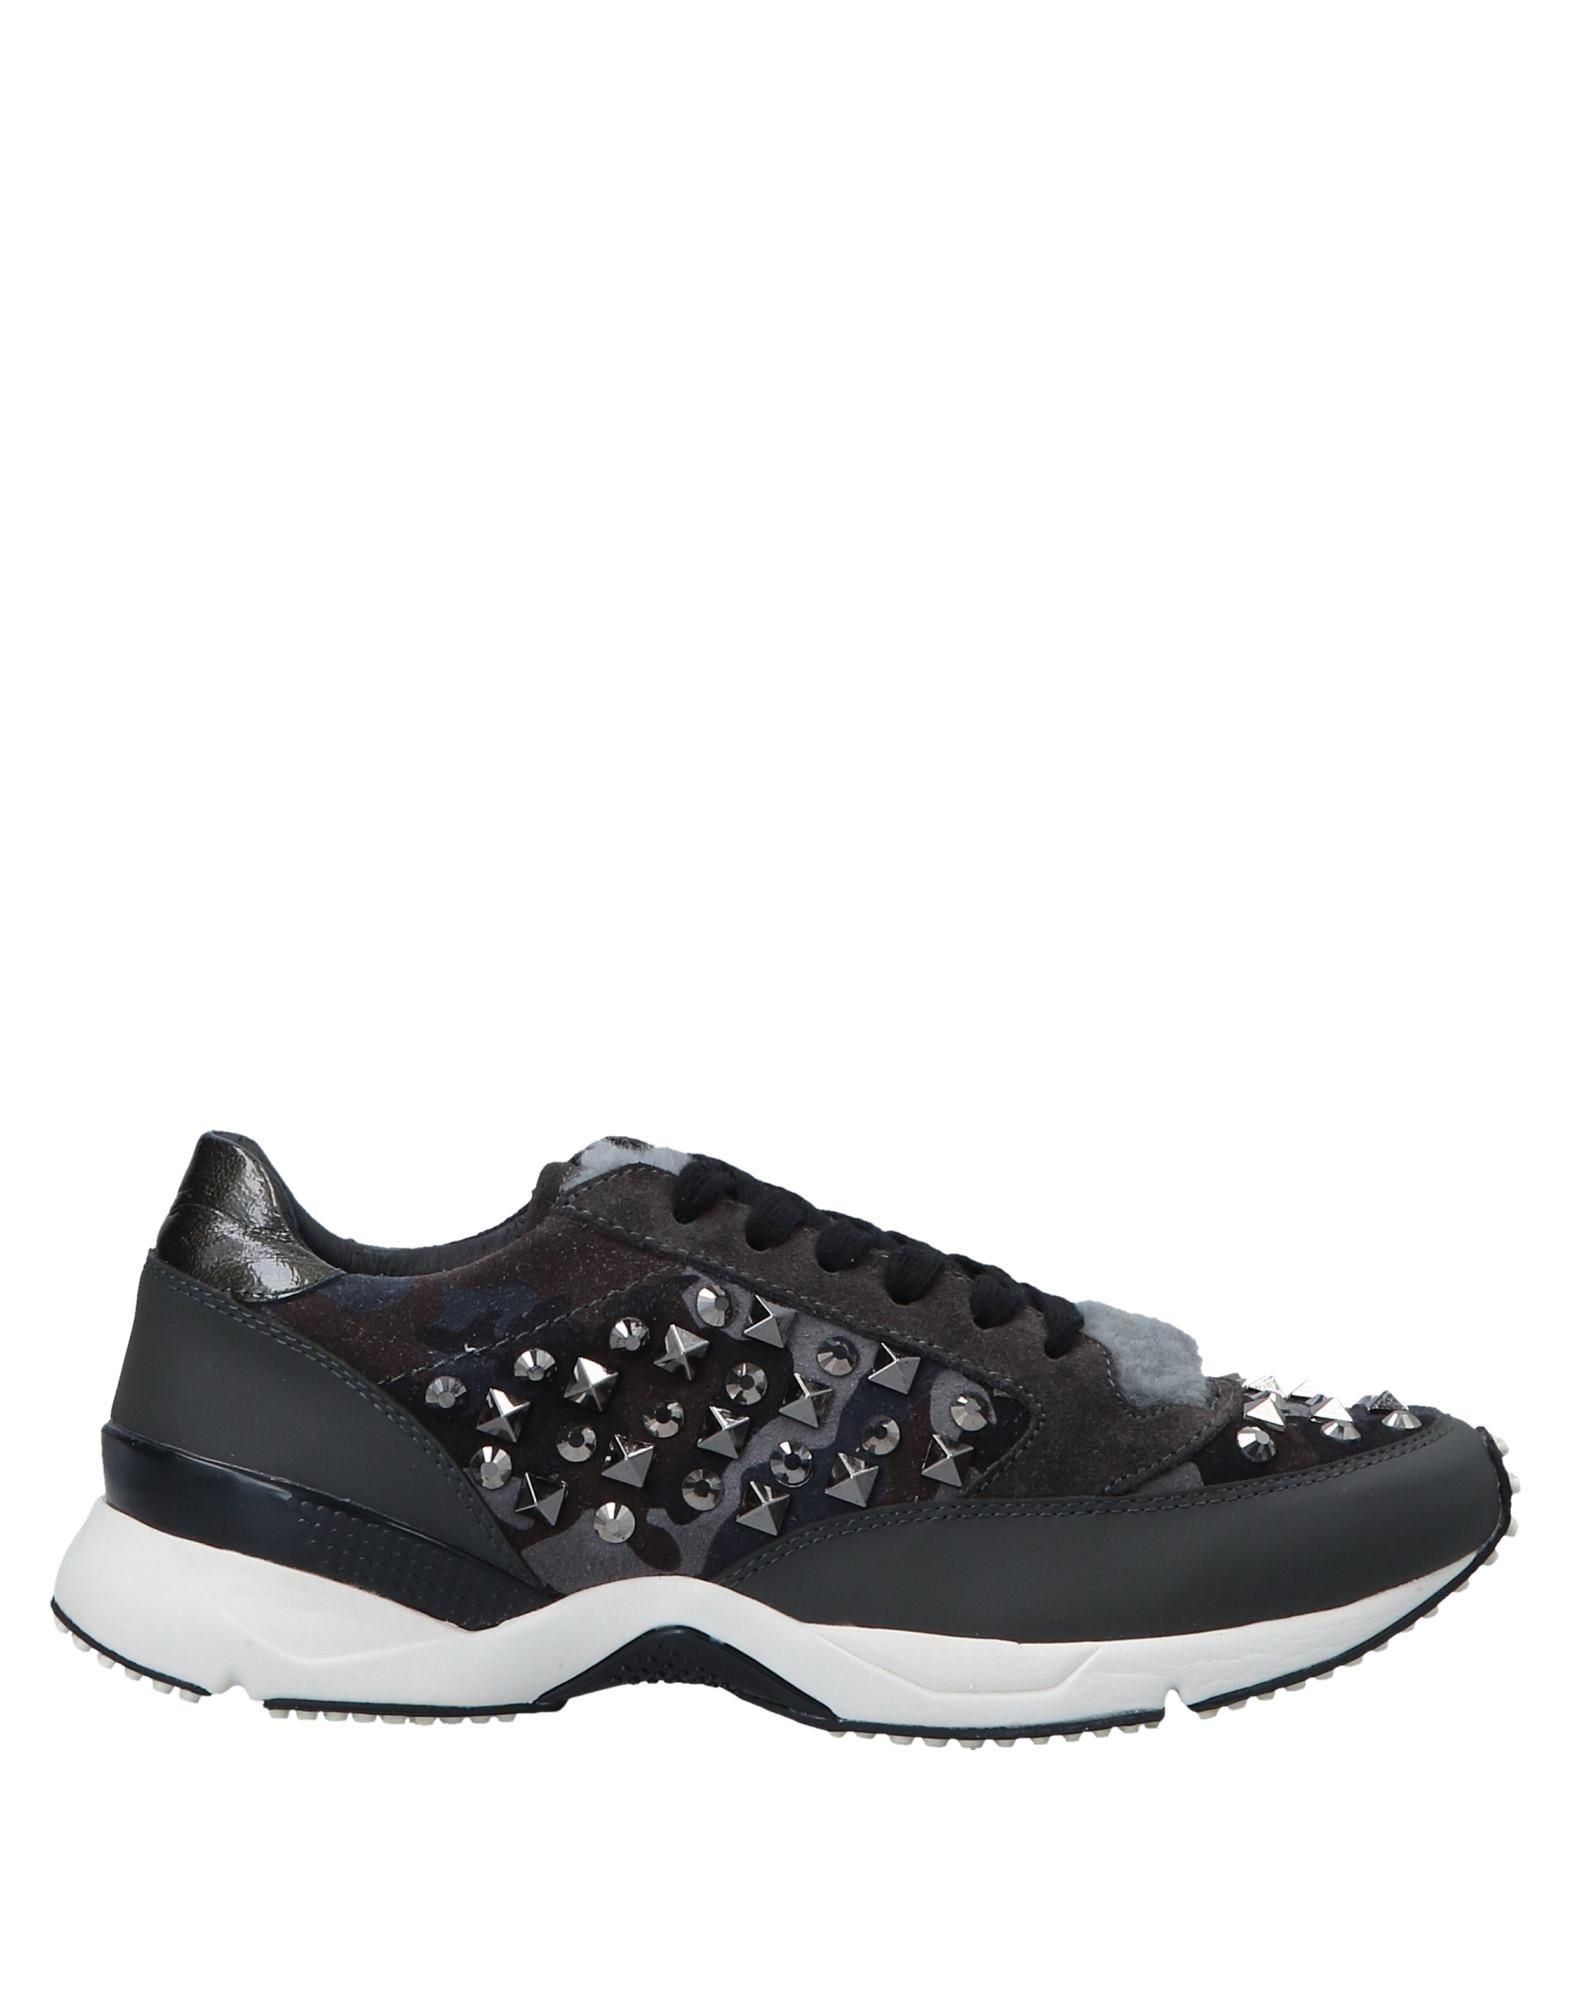 Baskets Lola Cruz Femme - Baskets Lola Cruz Vert militaire Dernières chaussures discount pour hommes et femmes